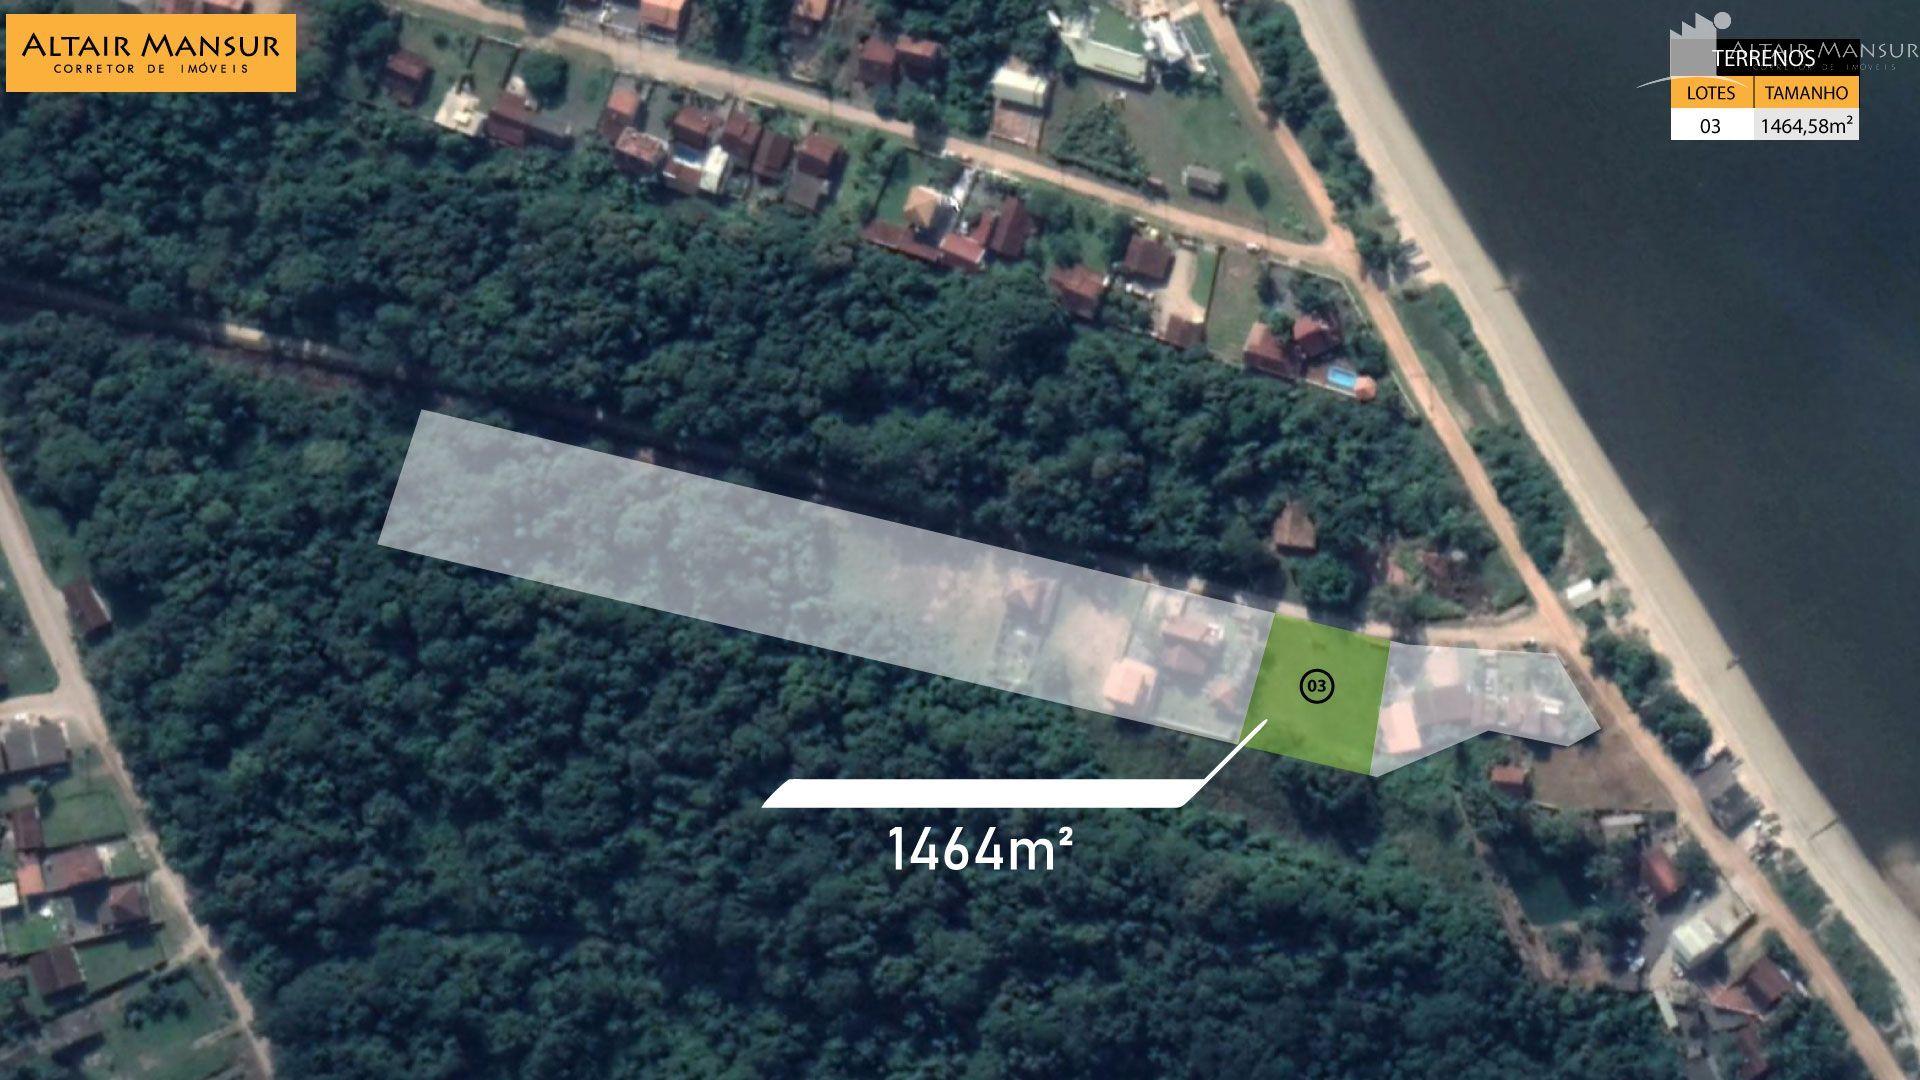 Terreno/Lote à venda  no Vila da Gloria - São Francisco do Sul, SC. Imóveis